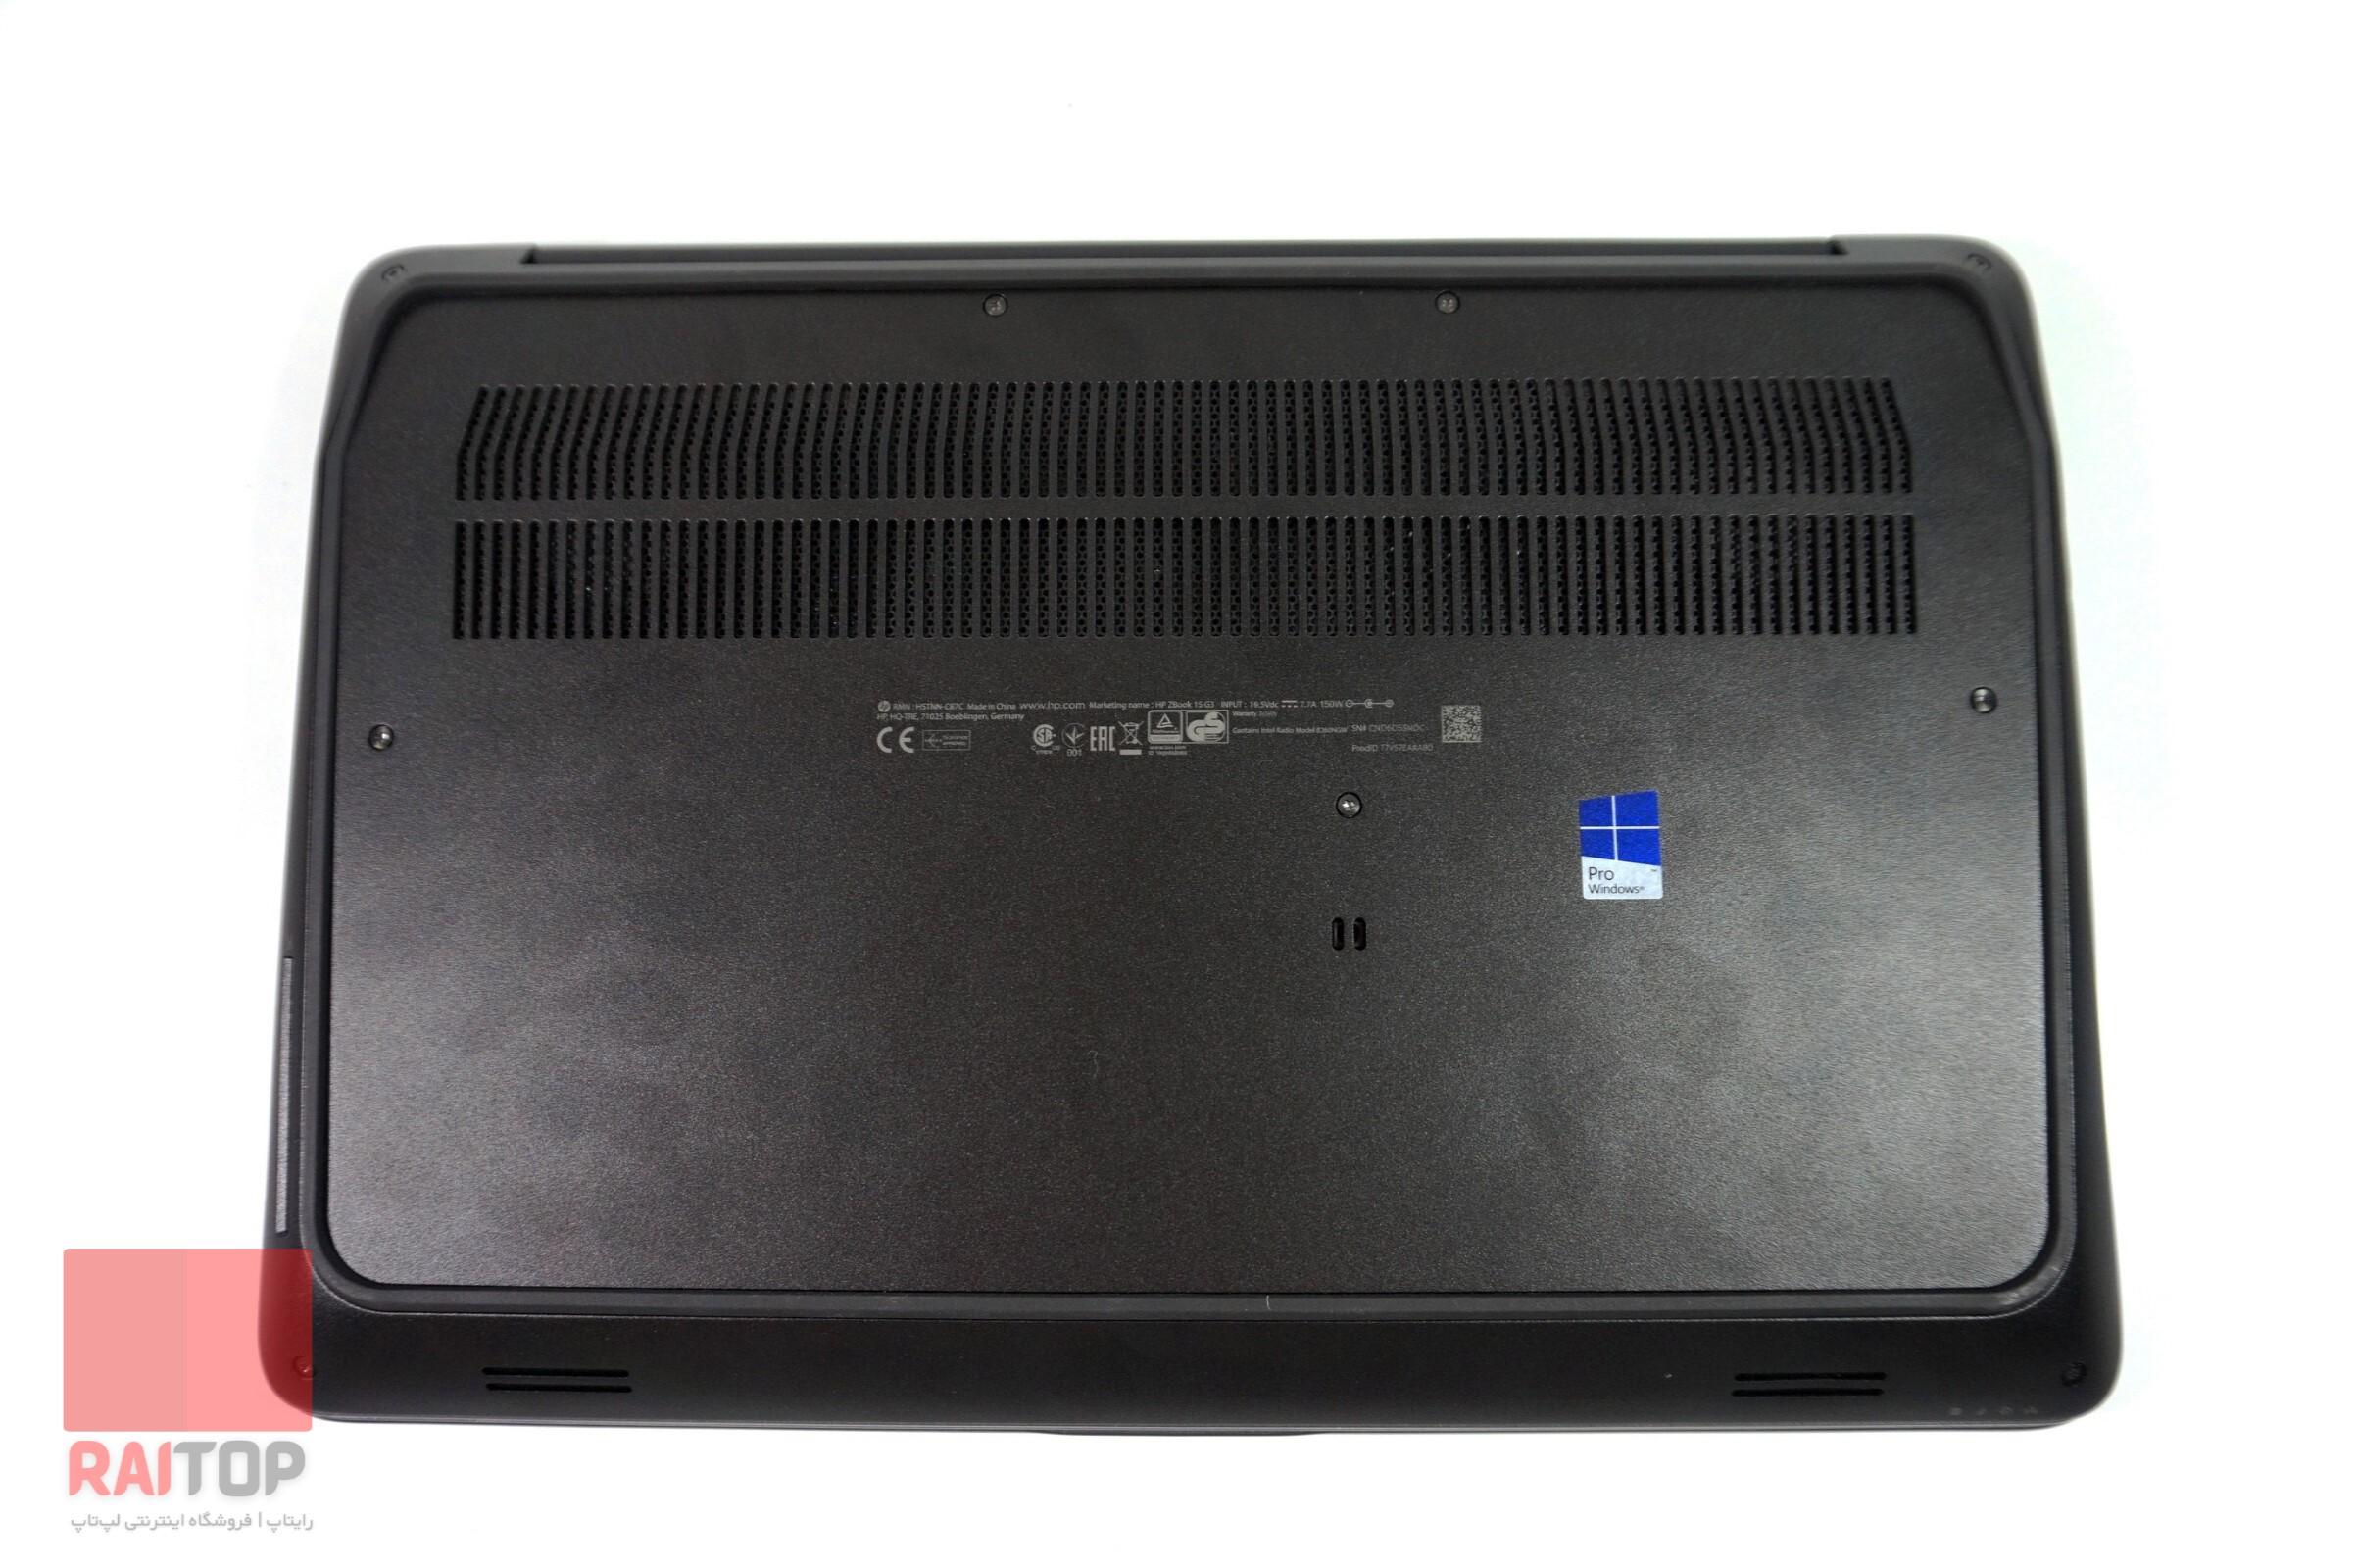 لپ تاپ استوک 15 اینچی HP مدل ZBook 15 G4 قاب زیرین